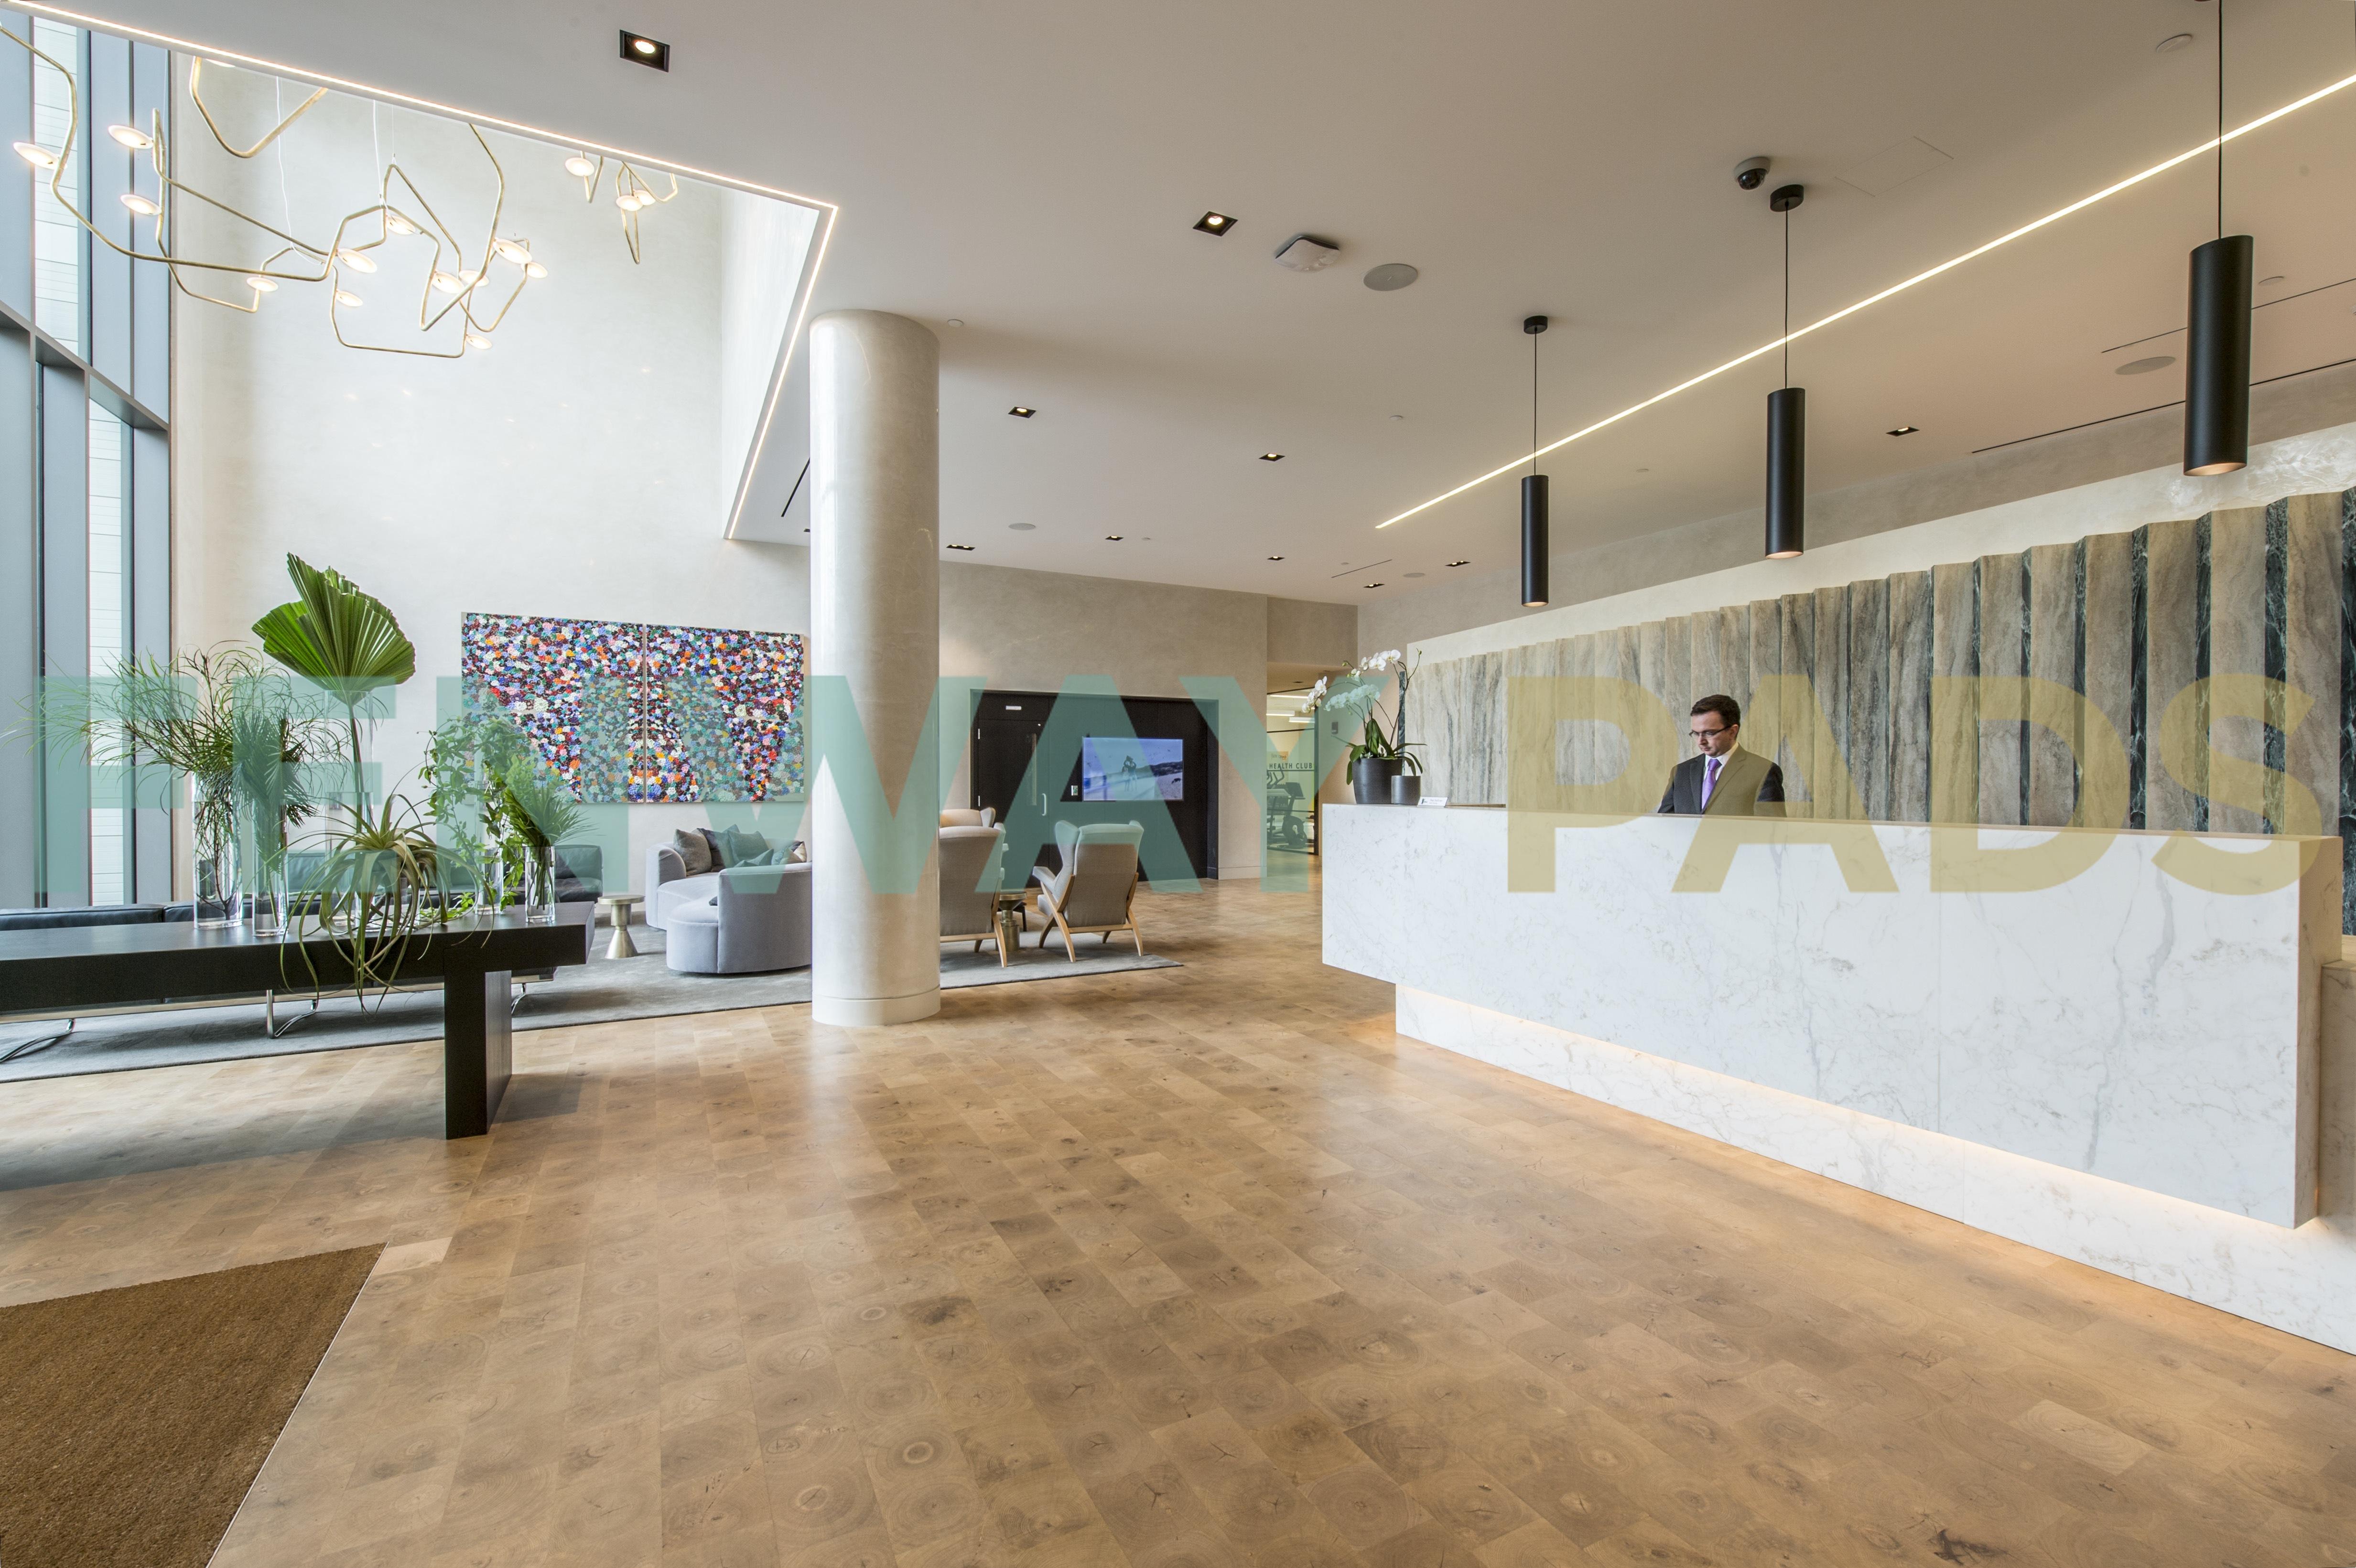 The Viridian lobby